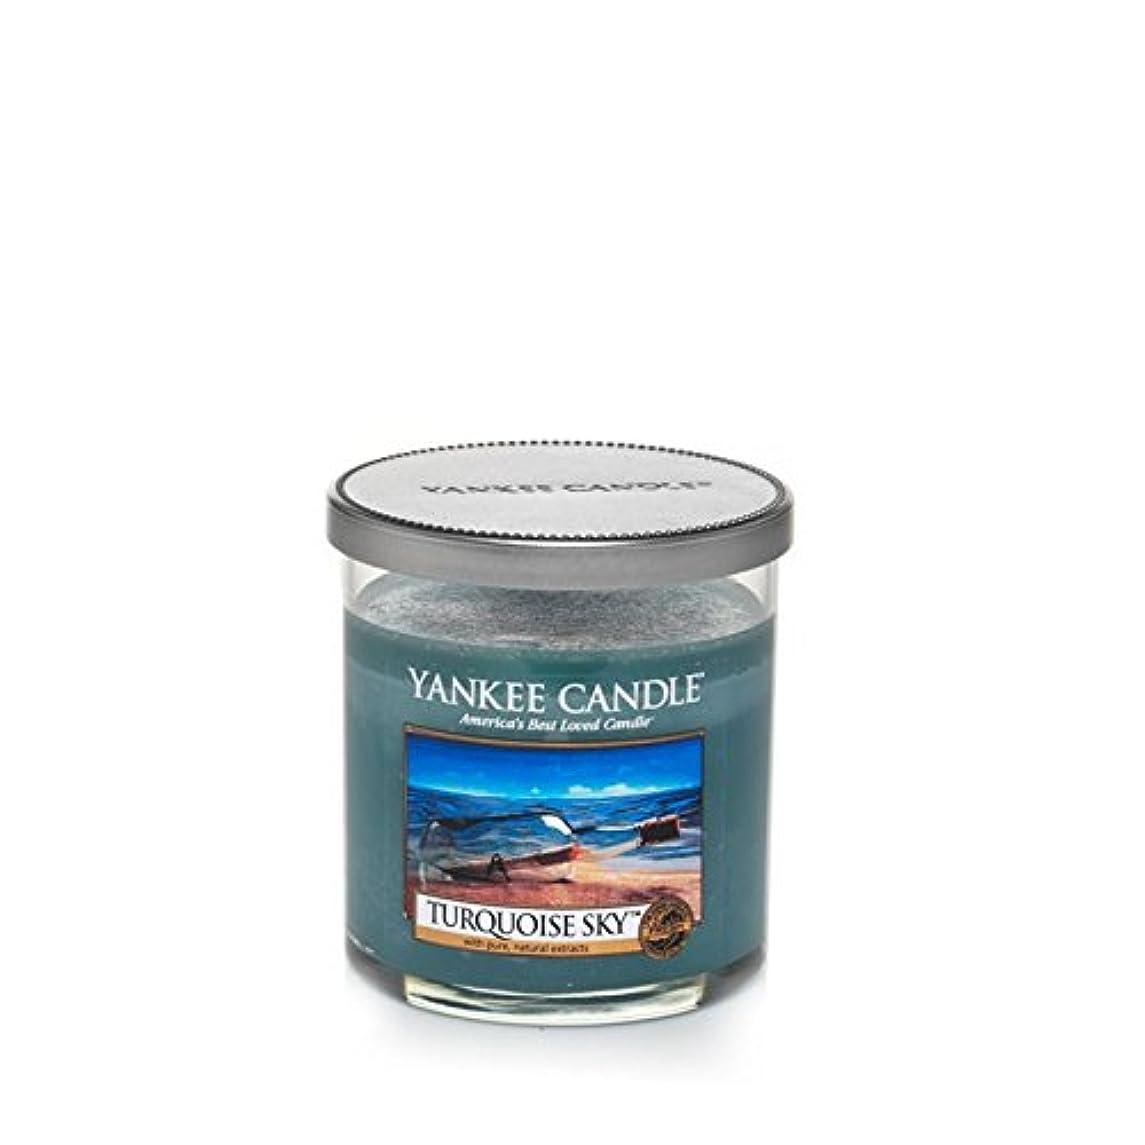 ヤンキーキャンドルの小さな柱キャンドル - ターコイズの空 - Yankee Candles Small Pillar Candle - Turquoise Sky (Yankee Candles) [並行輸入品]